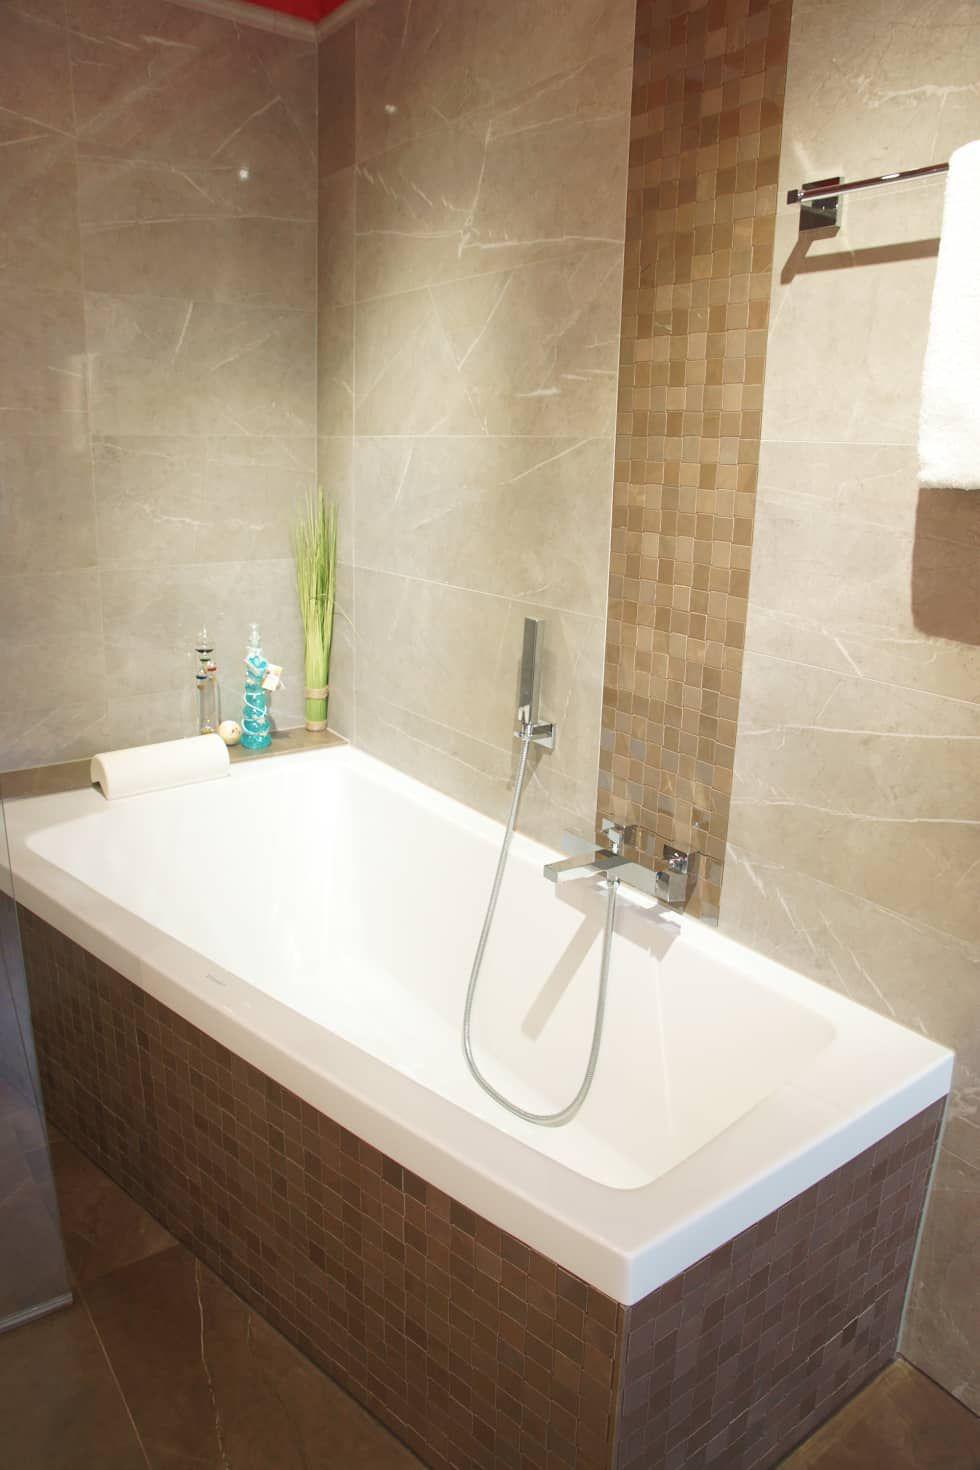 Ausgefallene Badezimmer Bilder: Kundenbad In Holz